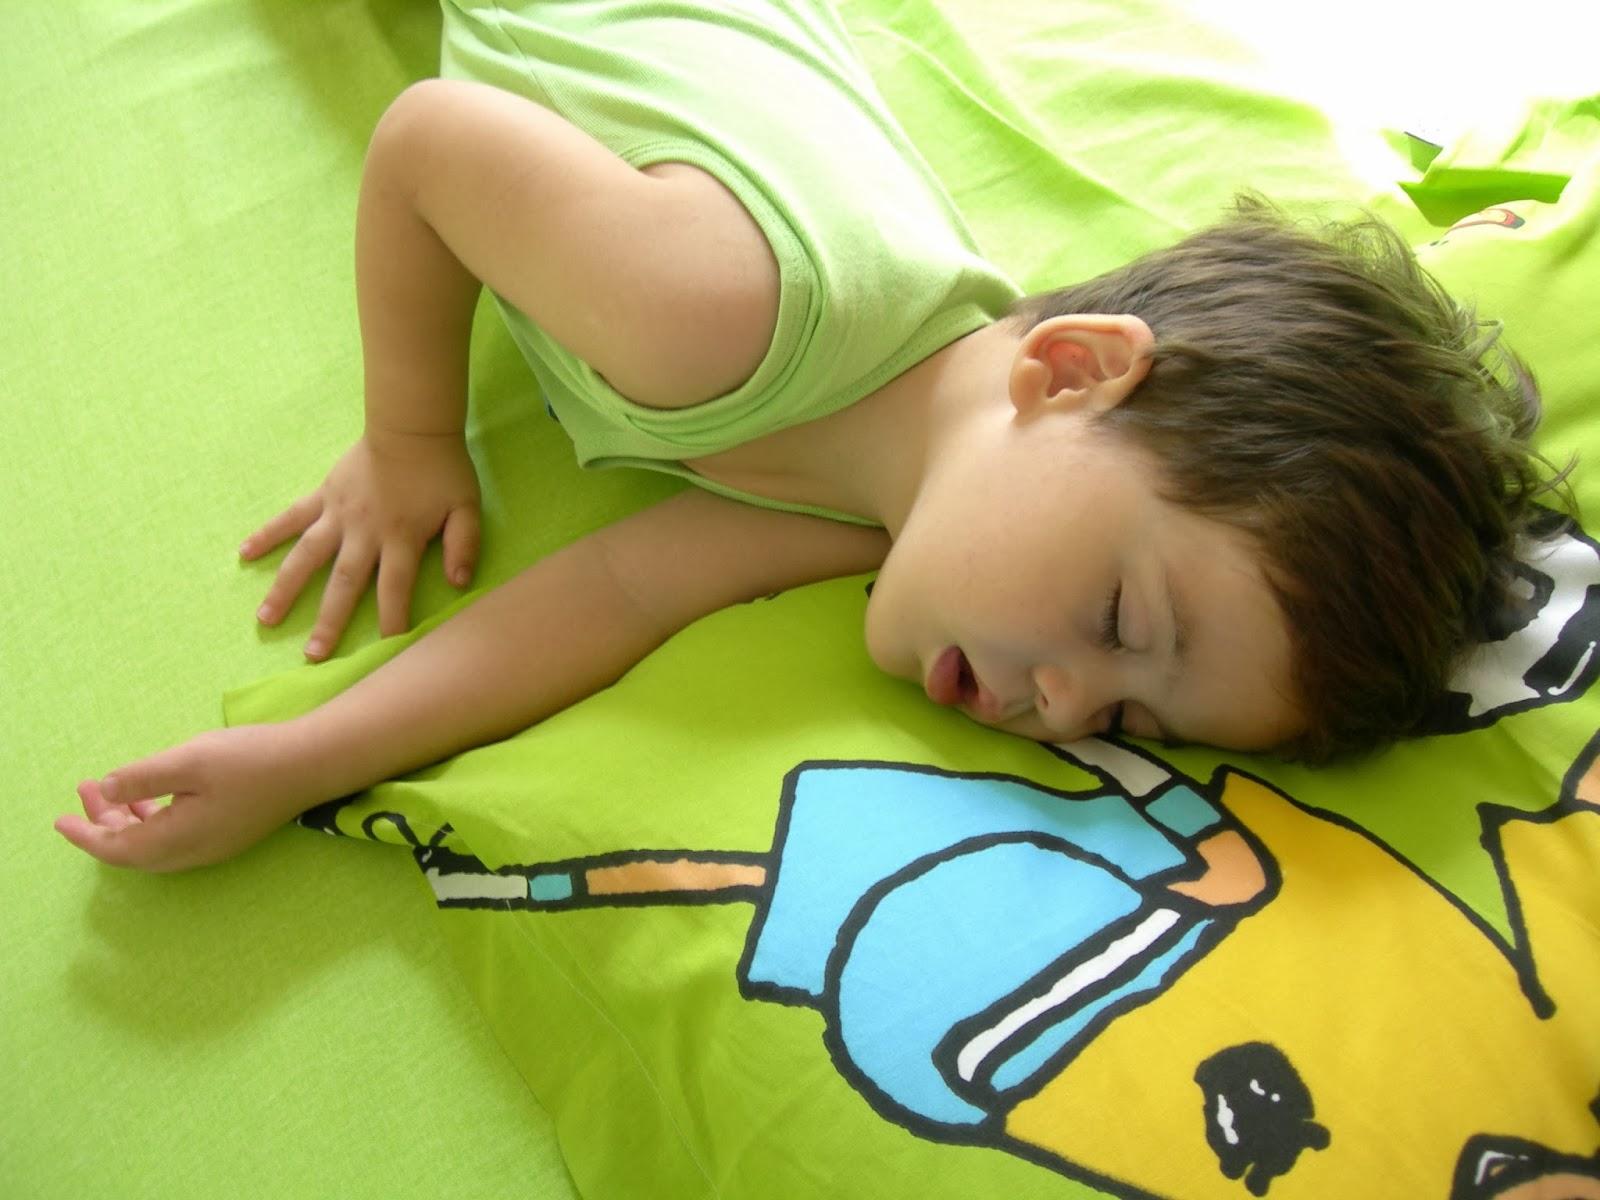 7 ideas para crear la rutina de dormir pronto